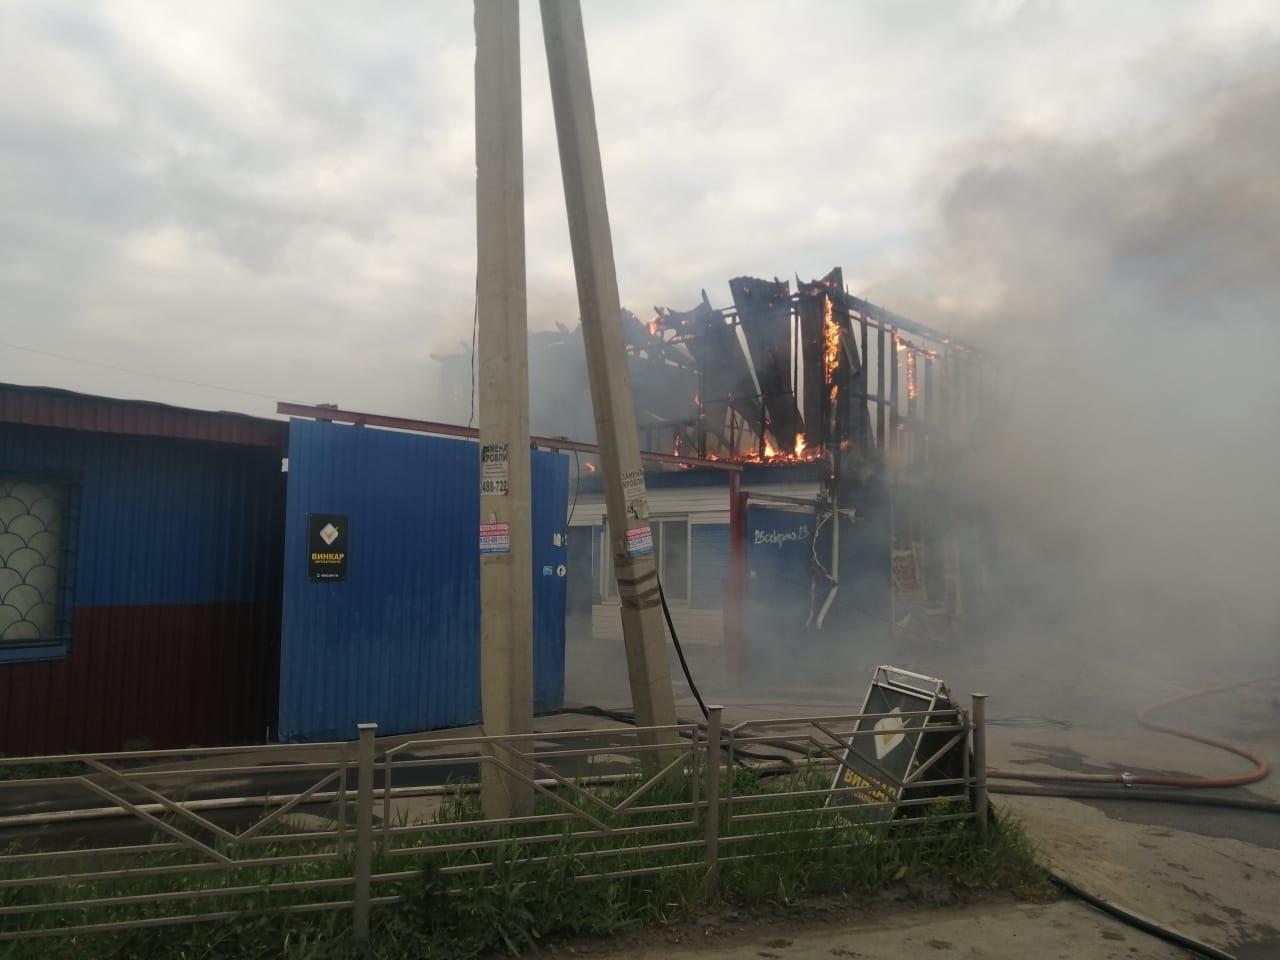 В Омске на 25-й Северной горит автомаркет и еще как минимум один дом #Новости #Общество #Омск